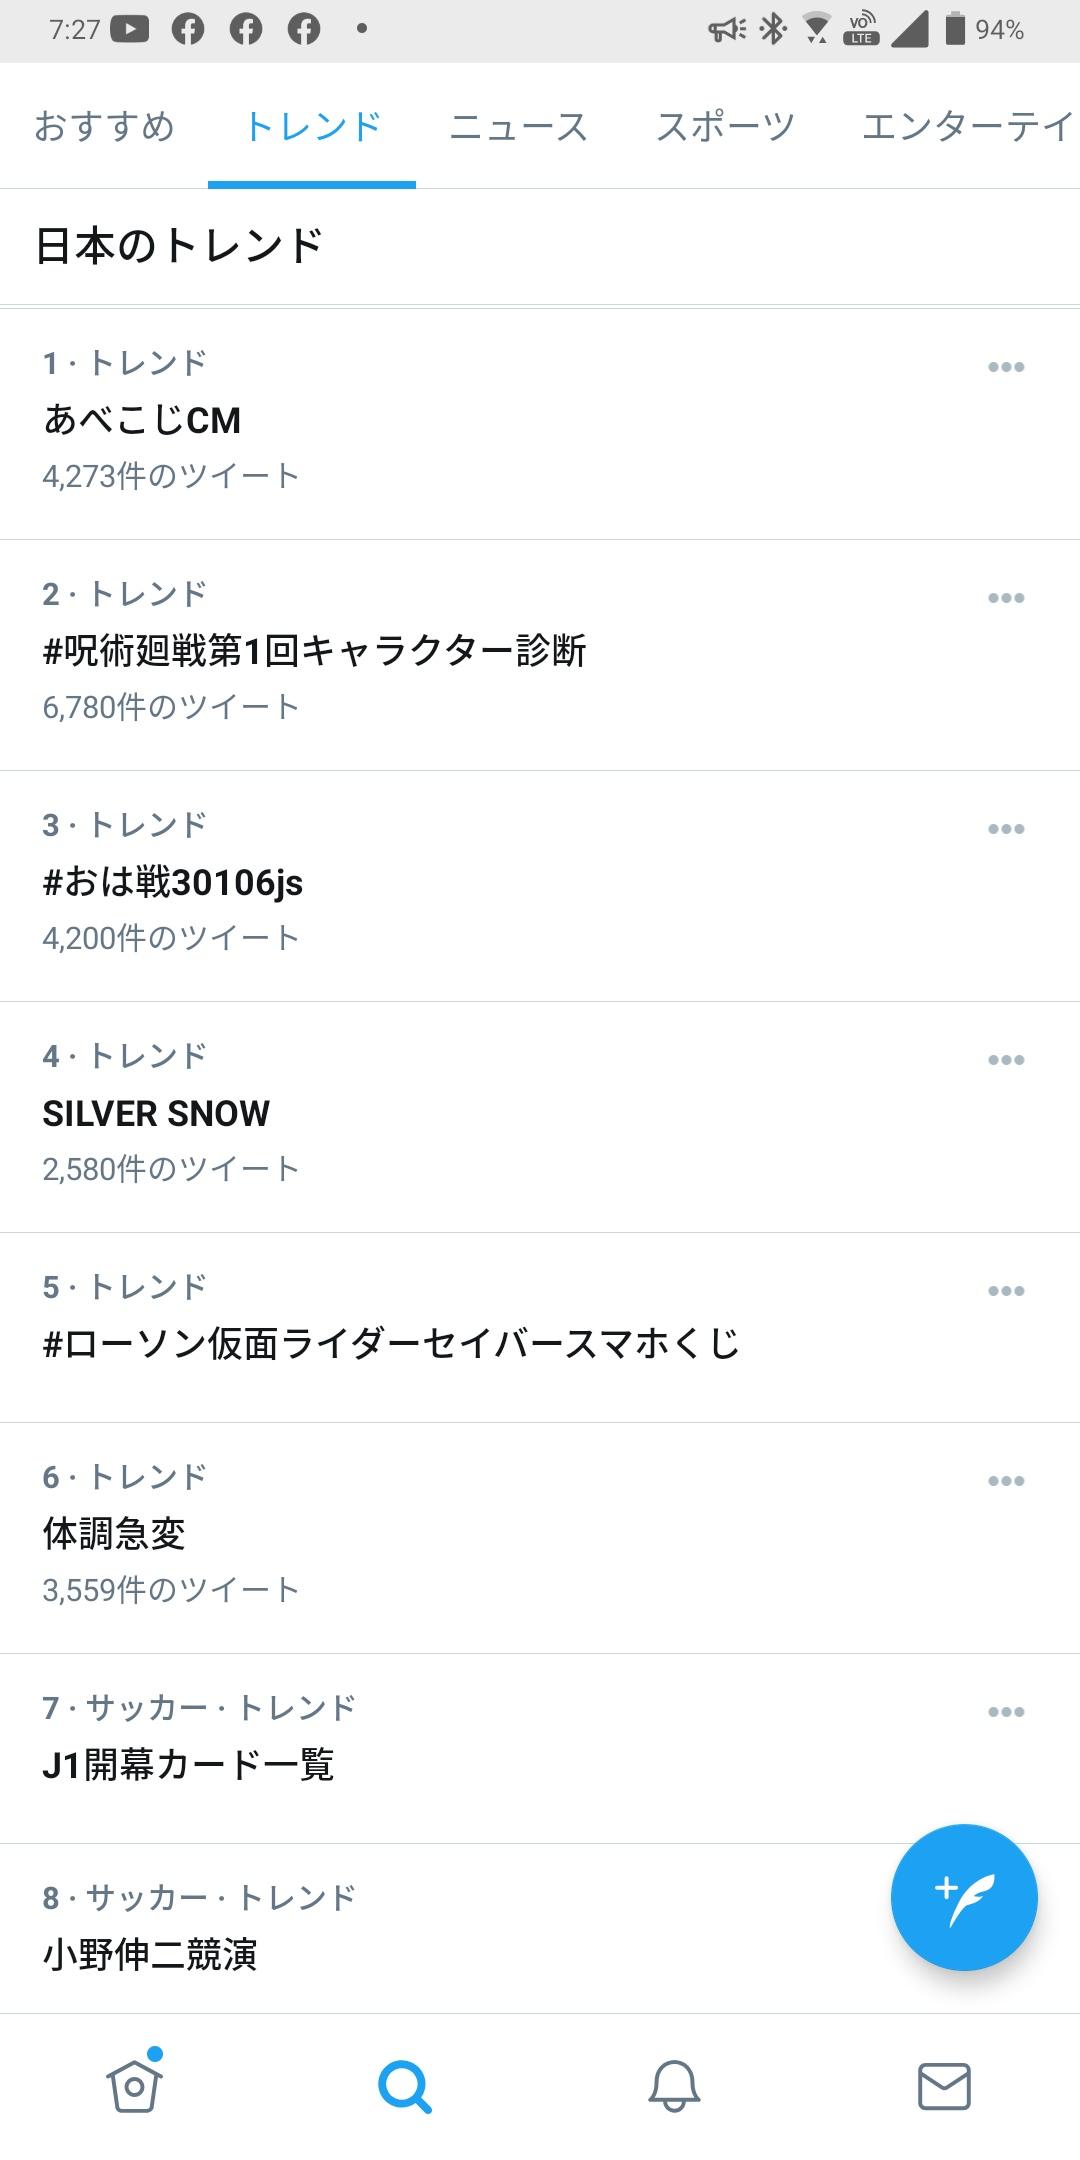 2021/01/06Twitterトレンド